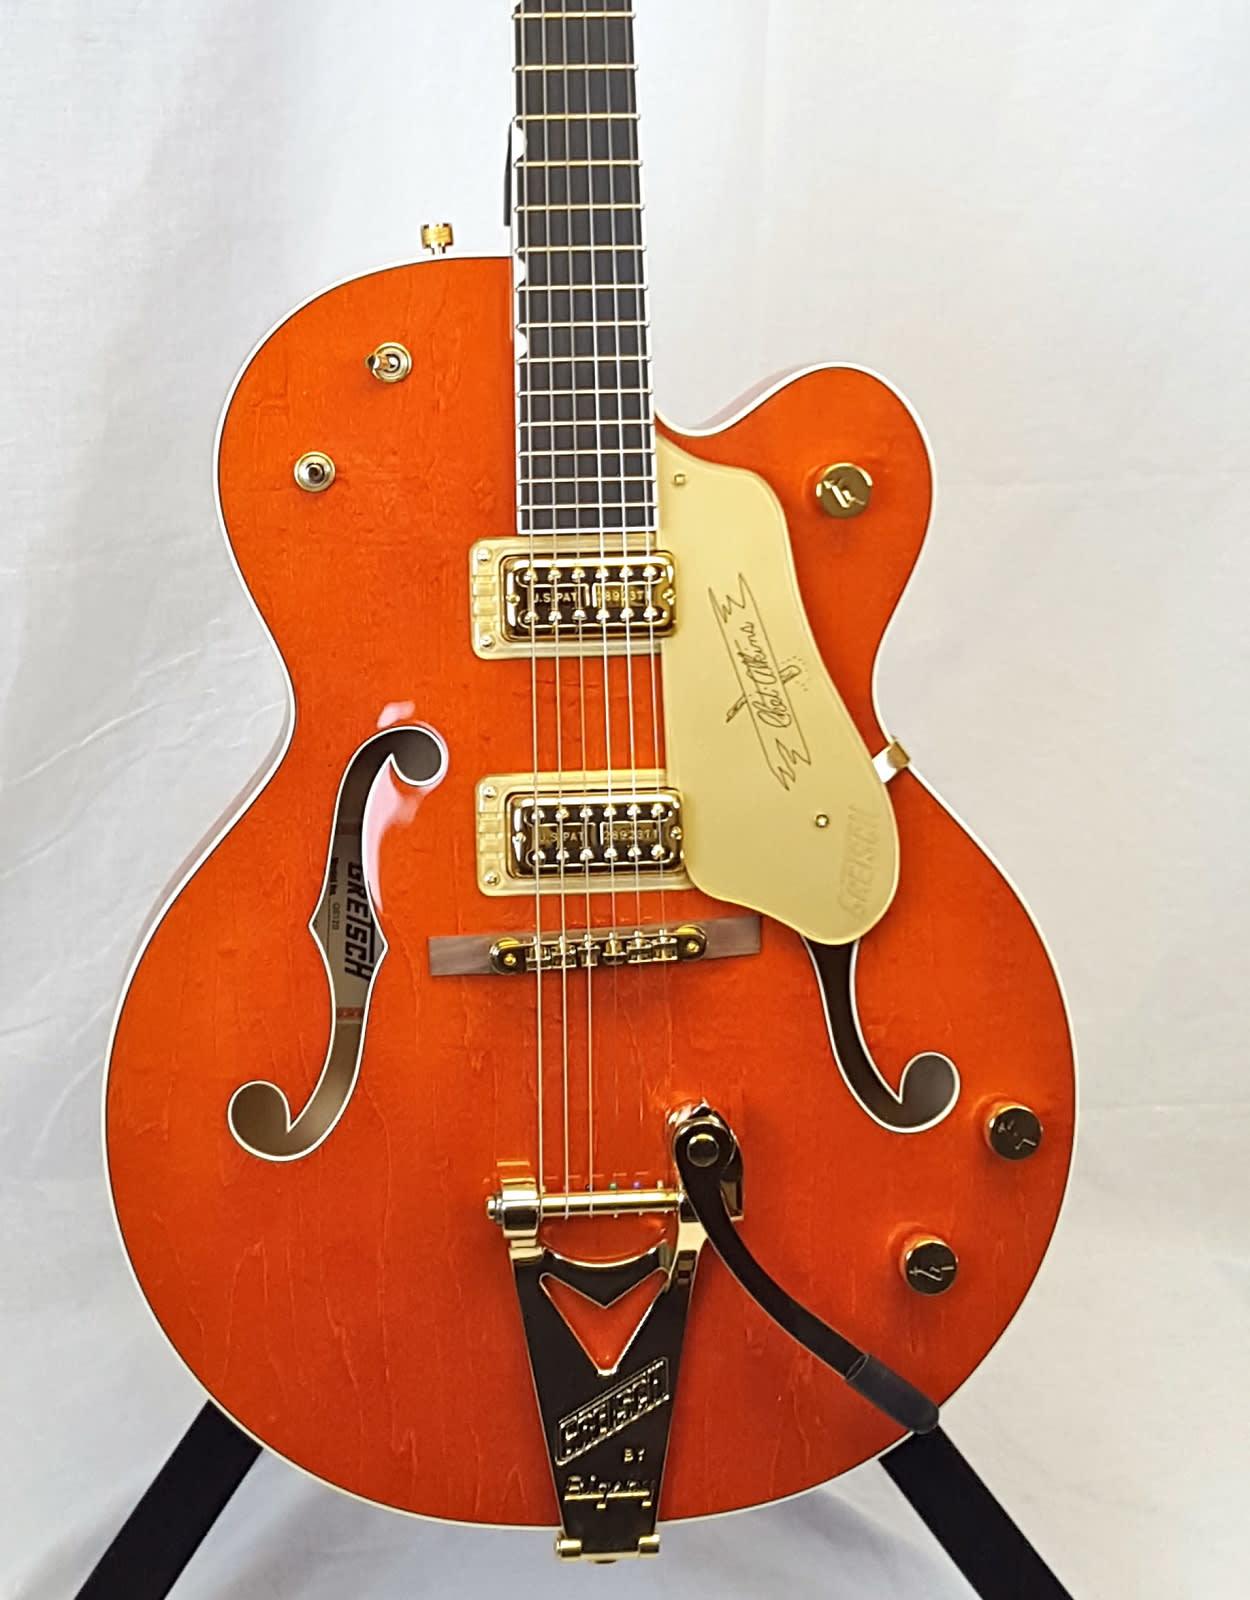 Gretsch G6120 Chet Atkins Hollow Body, Ebony Fingerboard - Orange Stain